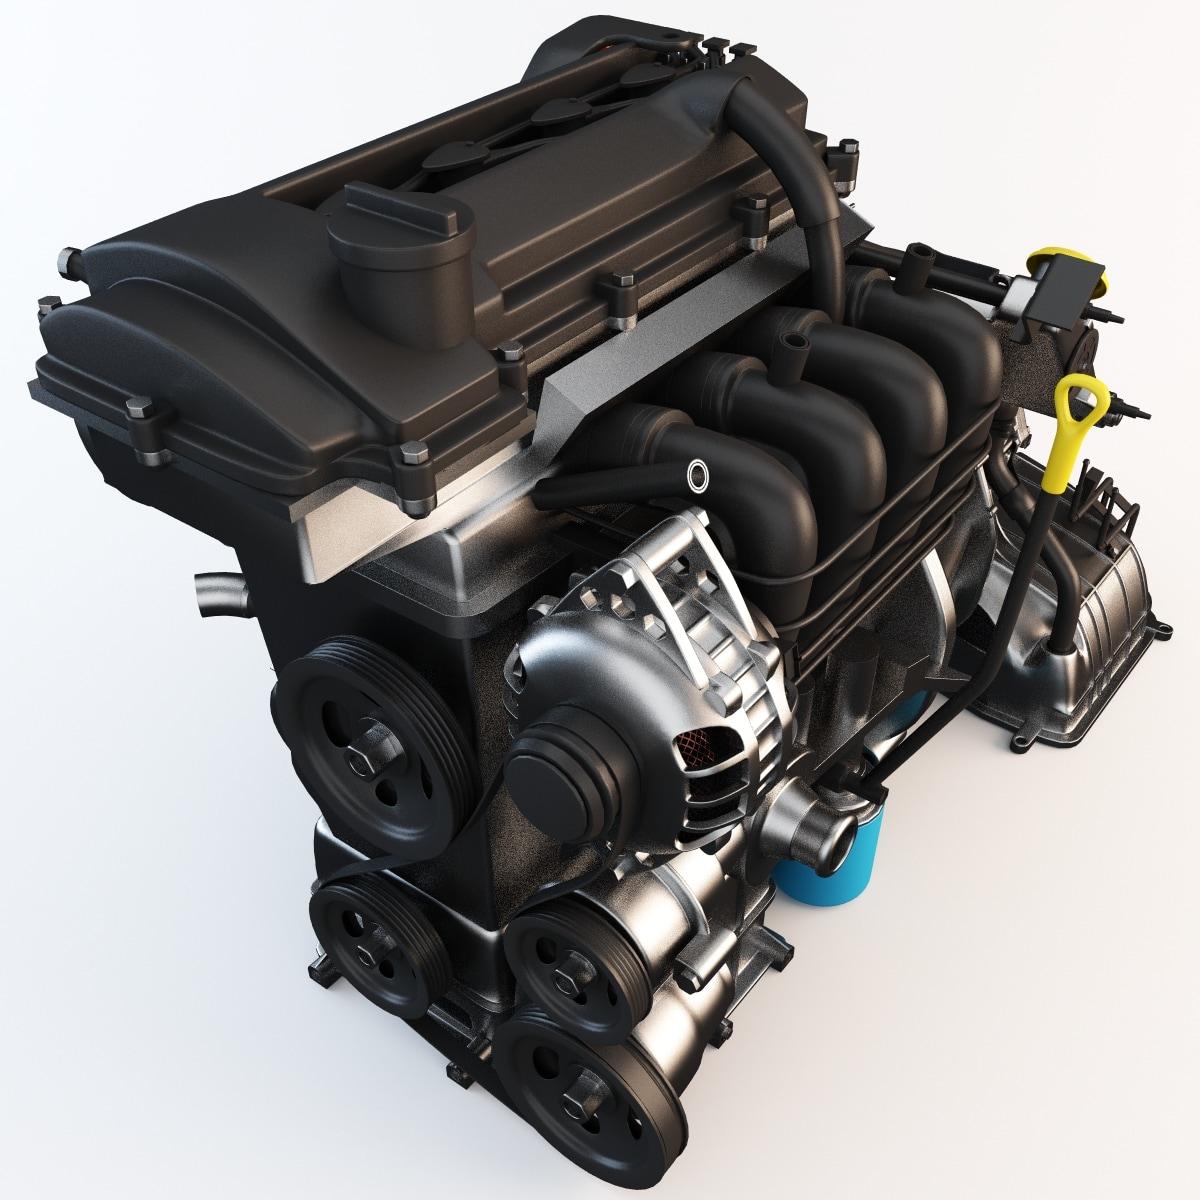 Car_Engine_v2_002.jpg